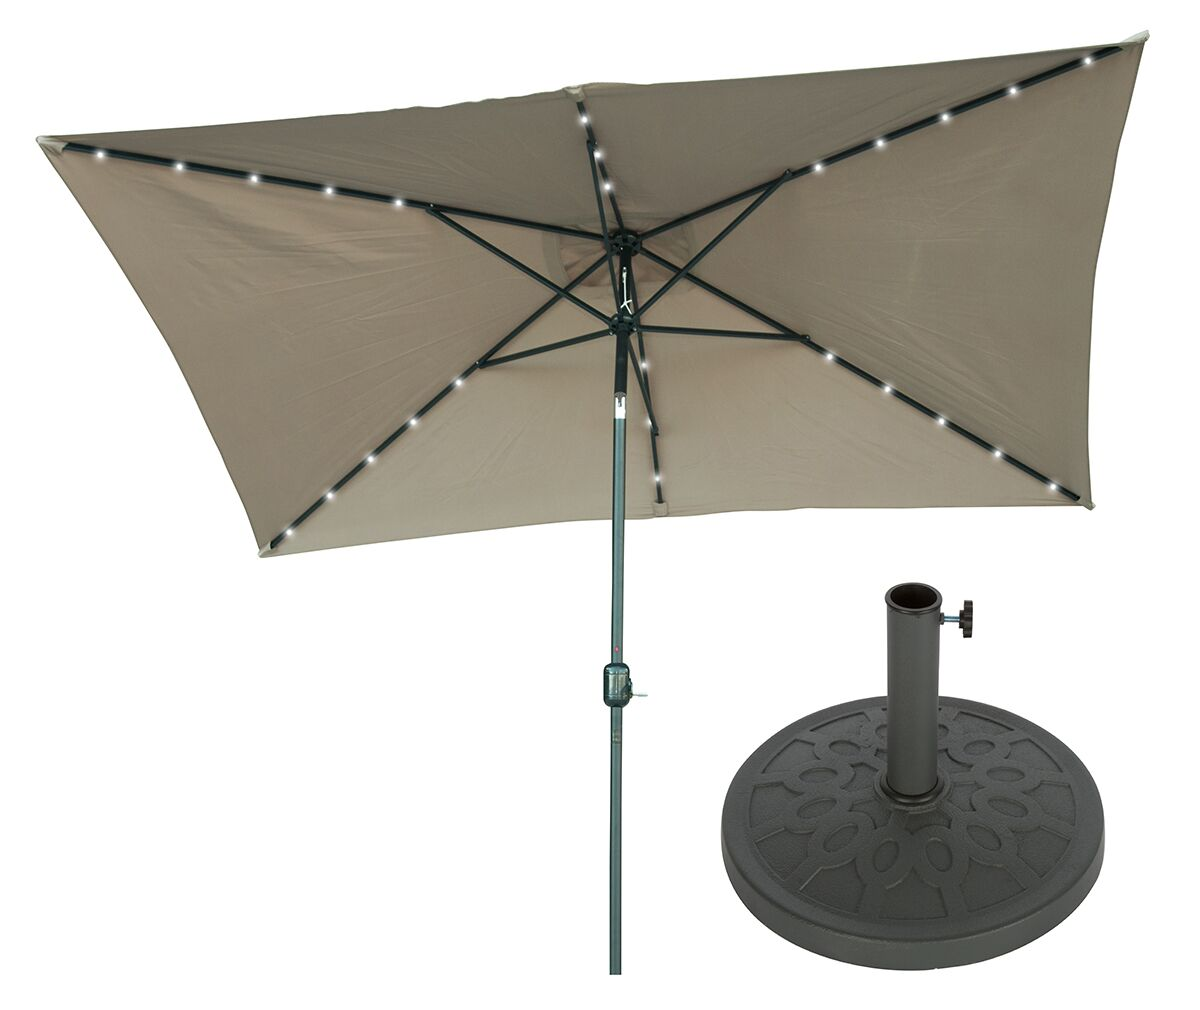 10' X 6.5' Rectangular Lighted Umbrella Fabric: Tan